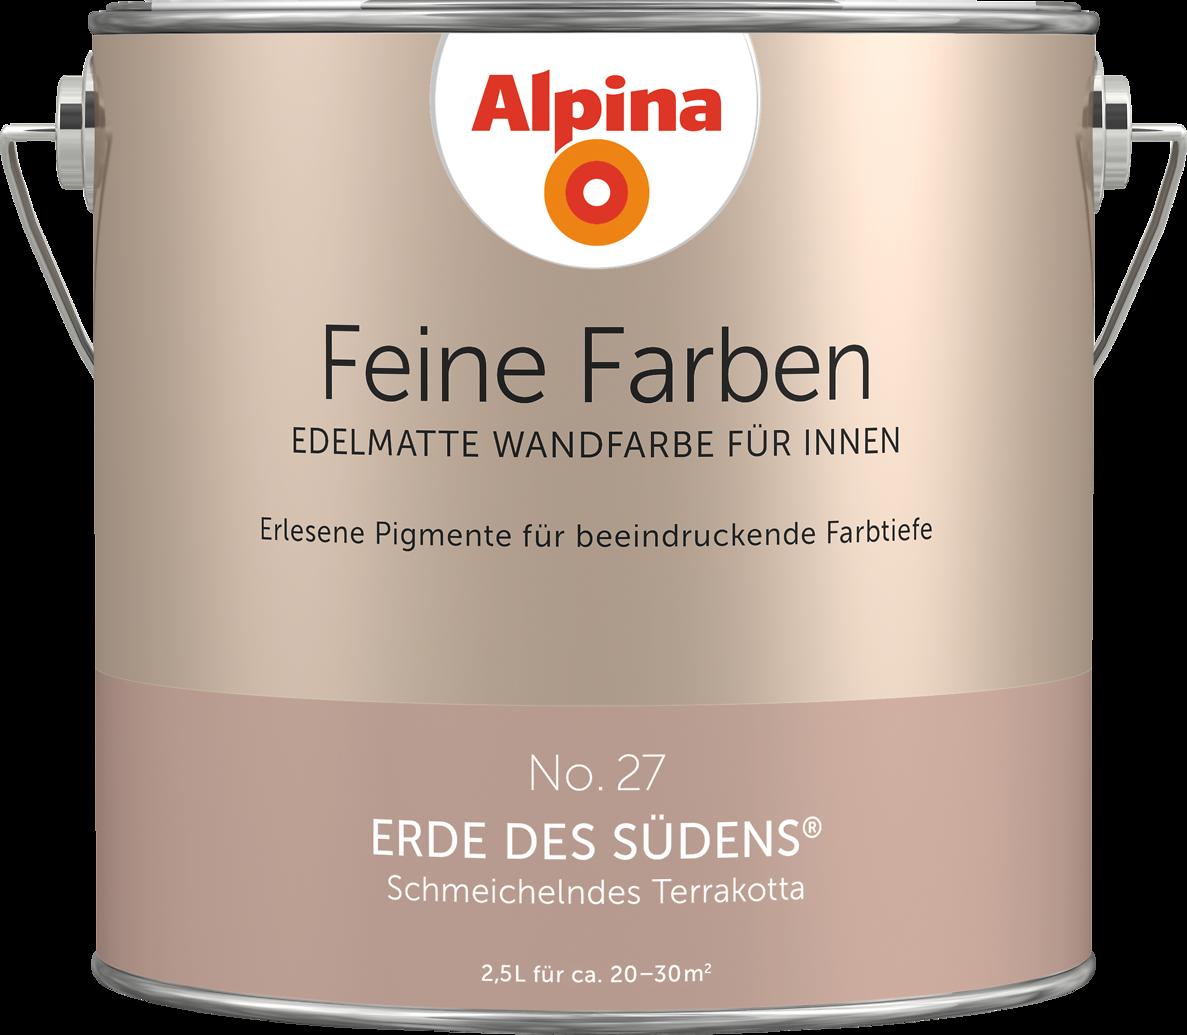 Premium Wandfarbe Orange Terrakotta Alpina Feine Farben Erde Des